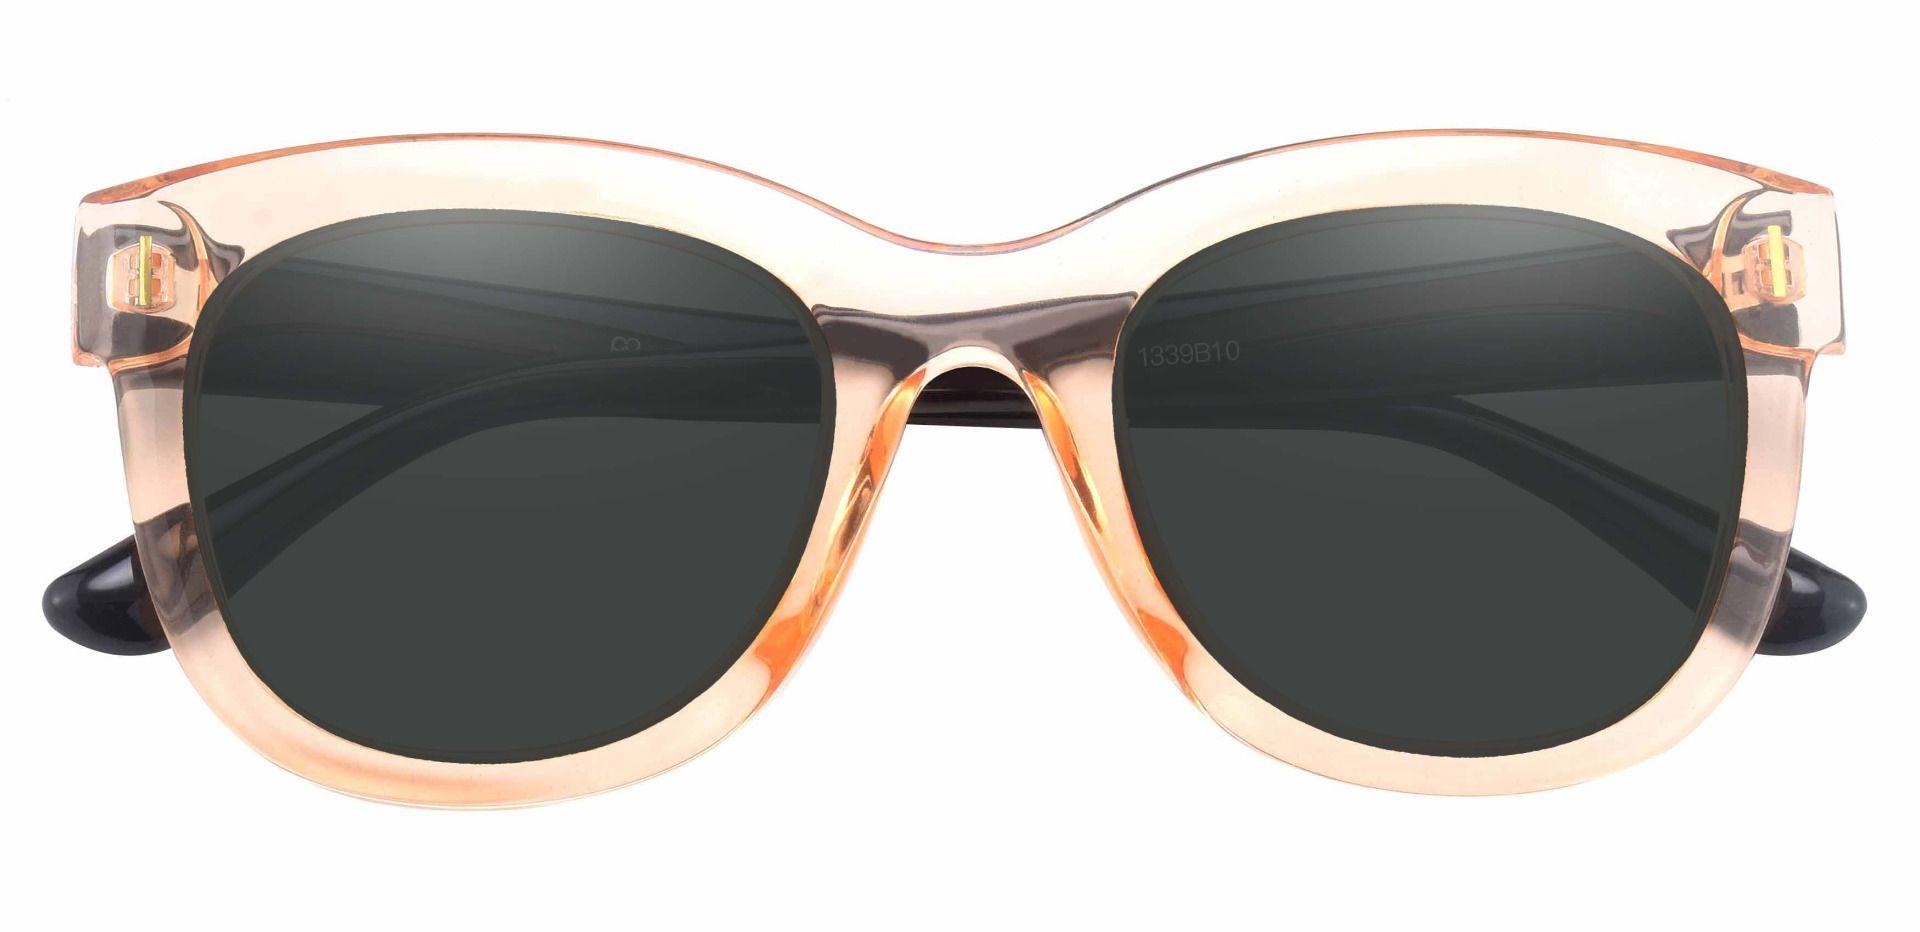 Saratoga Square Non-Rx Sunglasses - Brown Frame With Gray Lenses